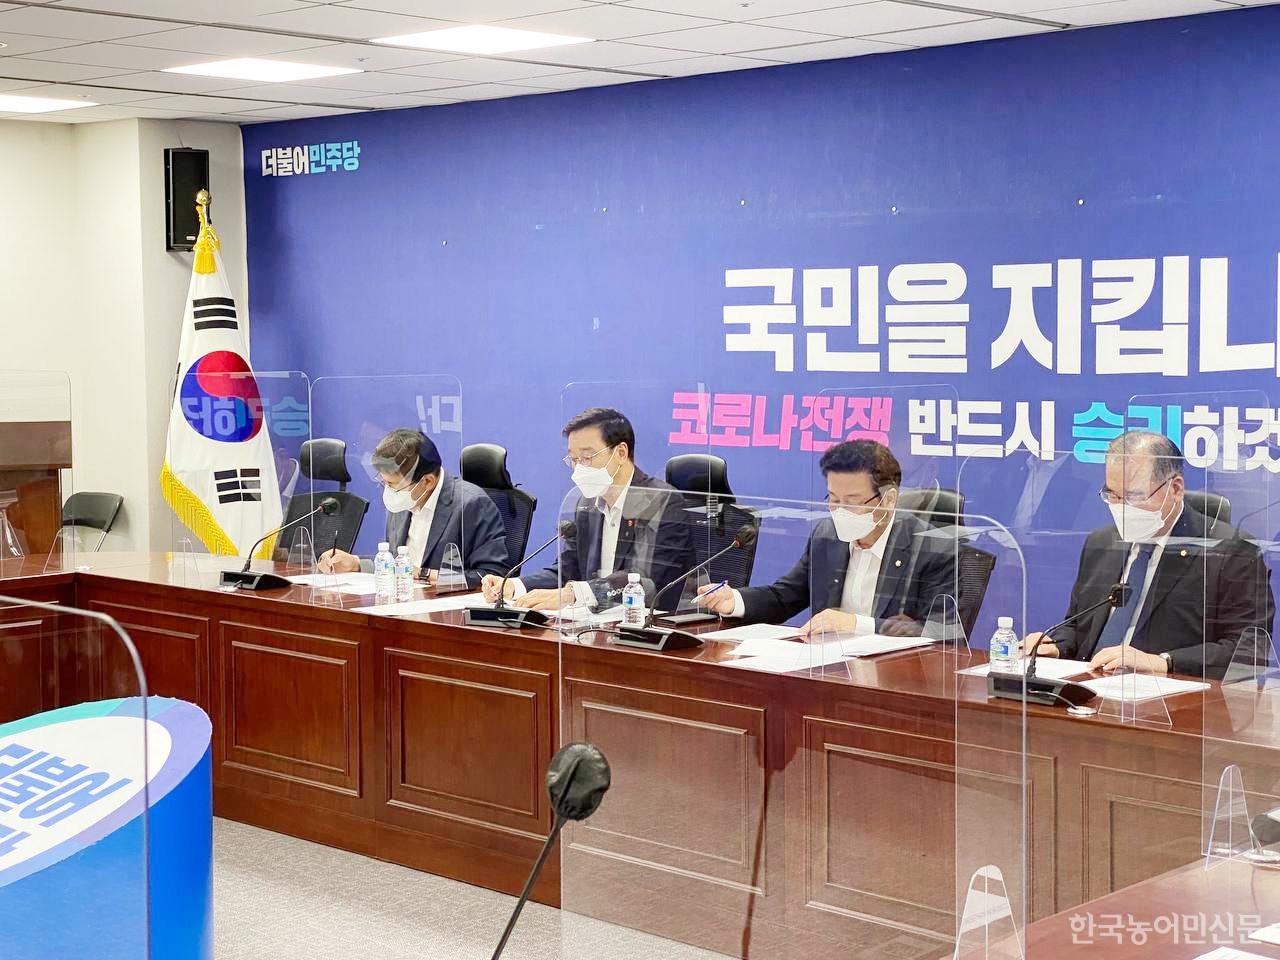 지난 12일 농해수위 소속 더불어민주당 의원들은 최근 논란이 되고 있는 군급식 개선방안을 논의하기 위해 당·정·청 협의회를 개최했다.